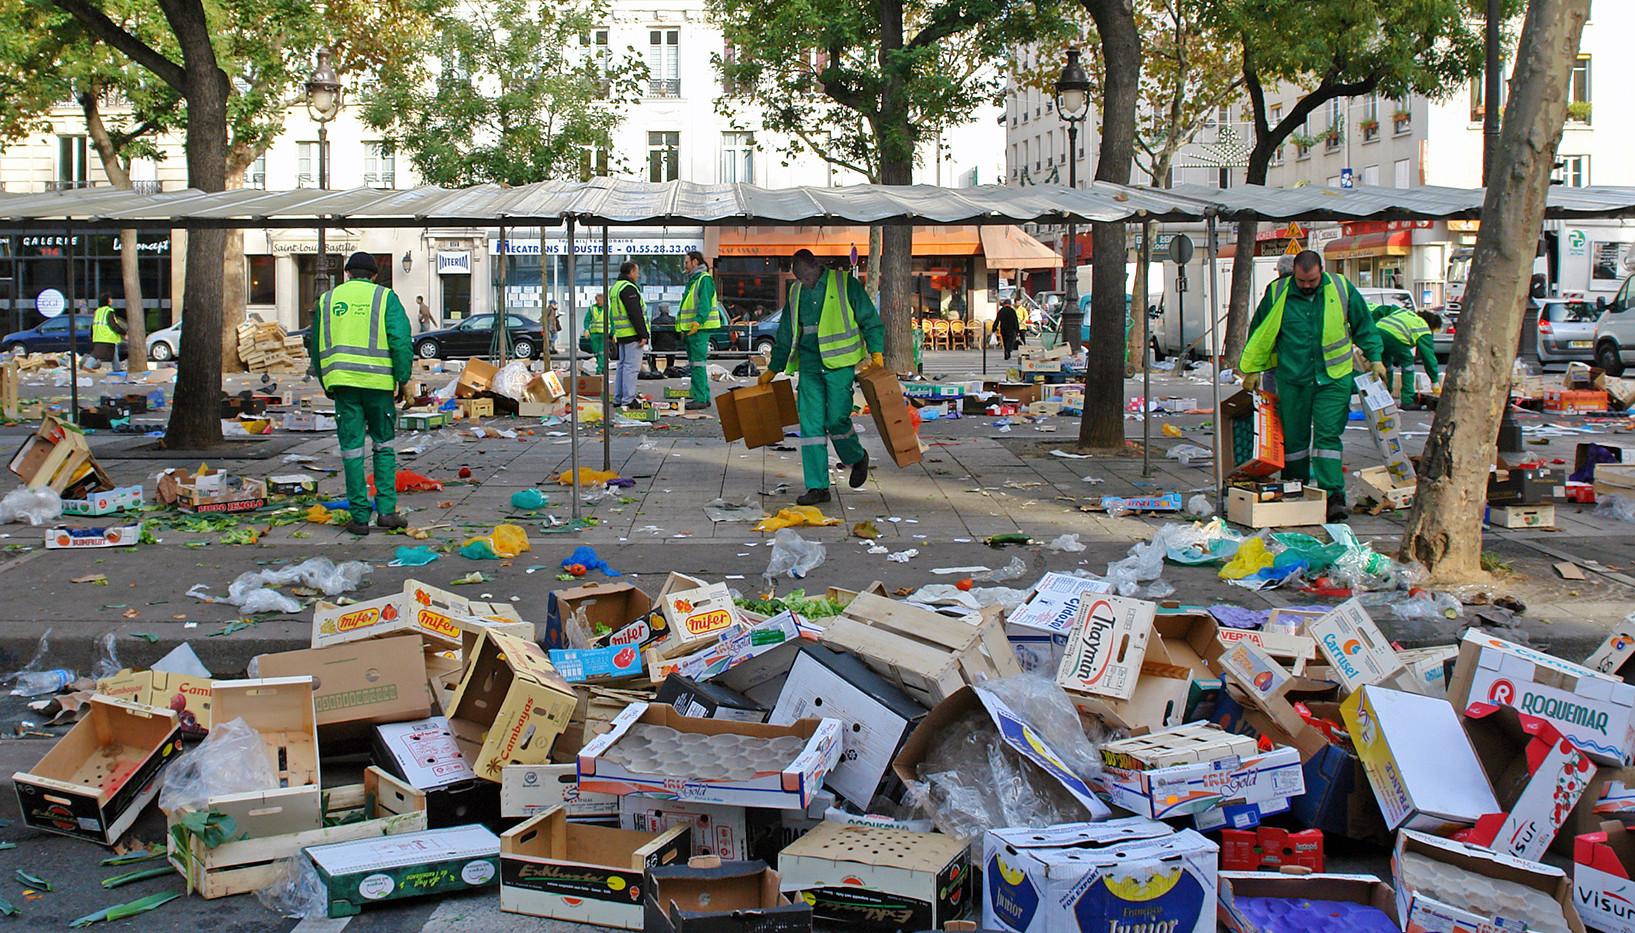 Olle Robin (Sweden) - Market day.jpg